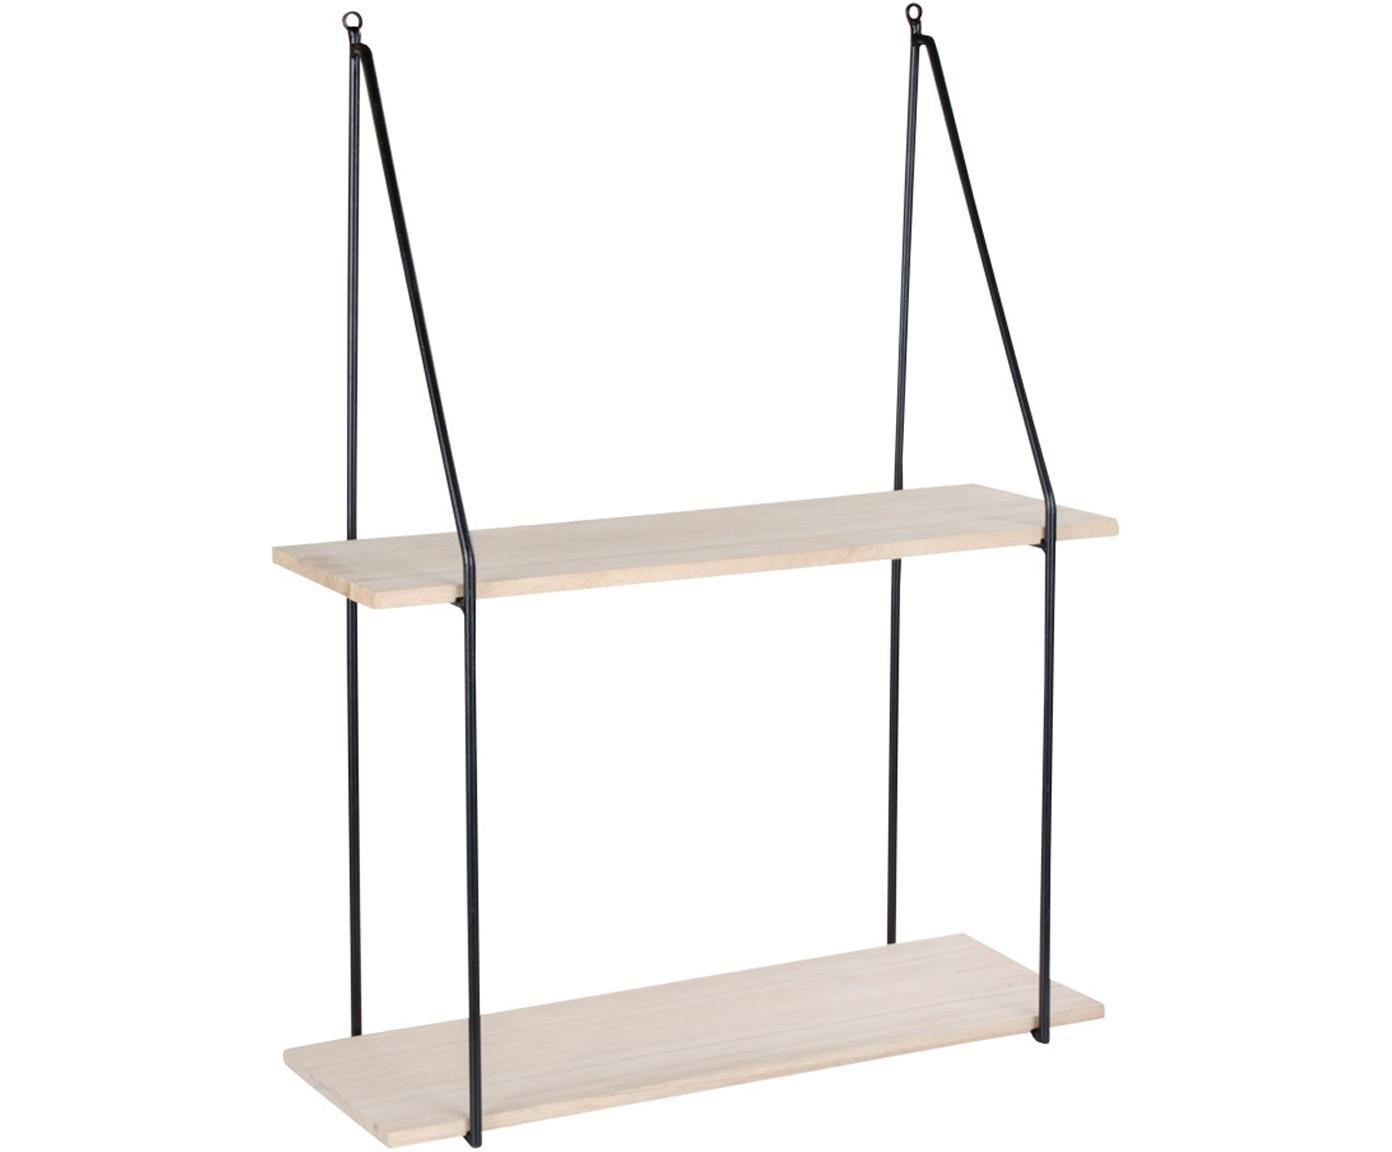 Wandrek Haag van metaal en hout, Gecoat staal, hout, Zwart, houtkleurig, 55 x 72 cm